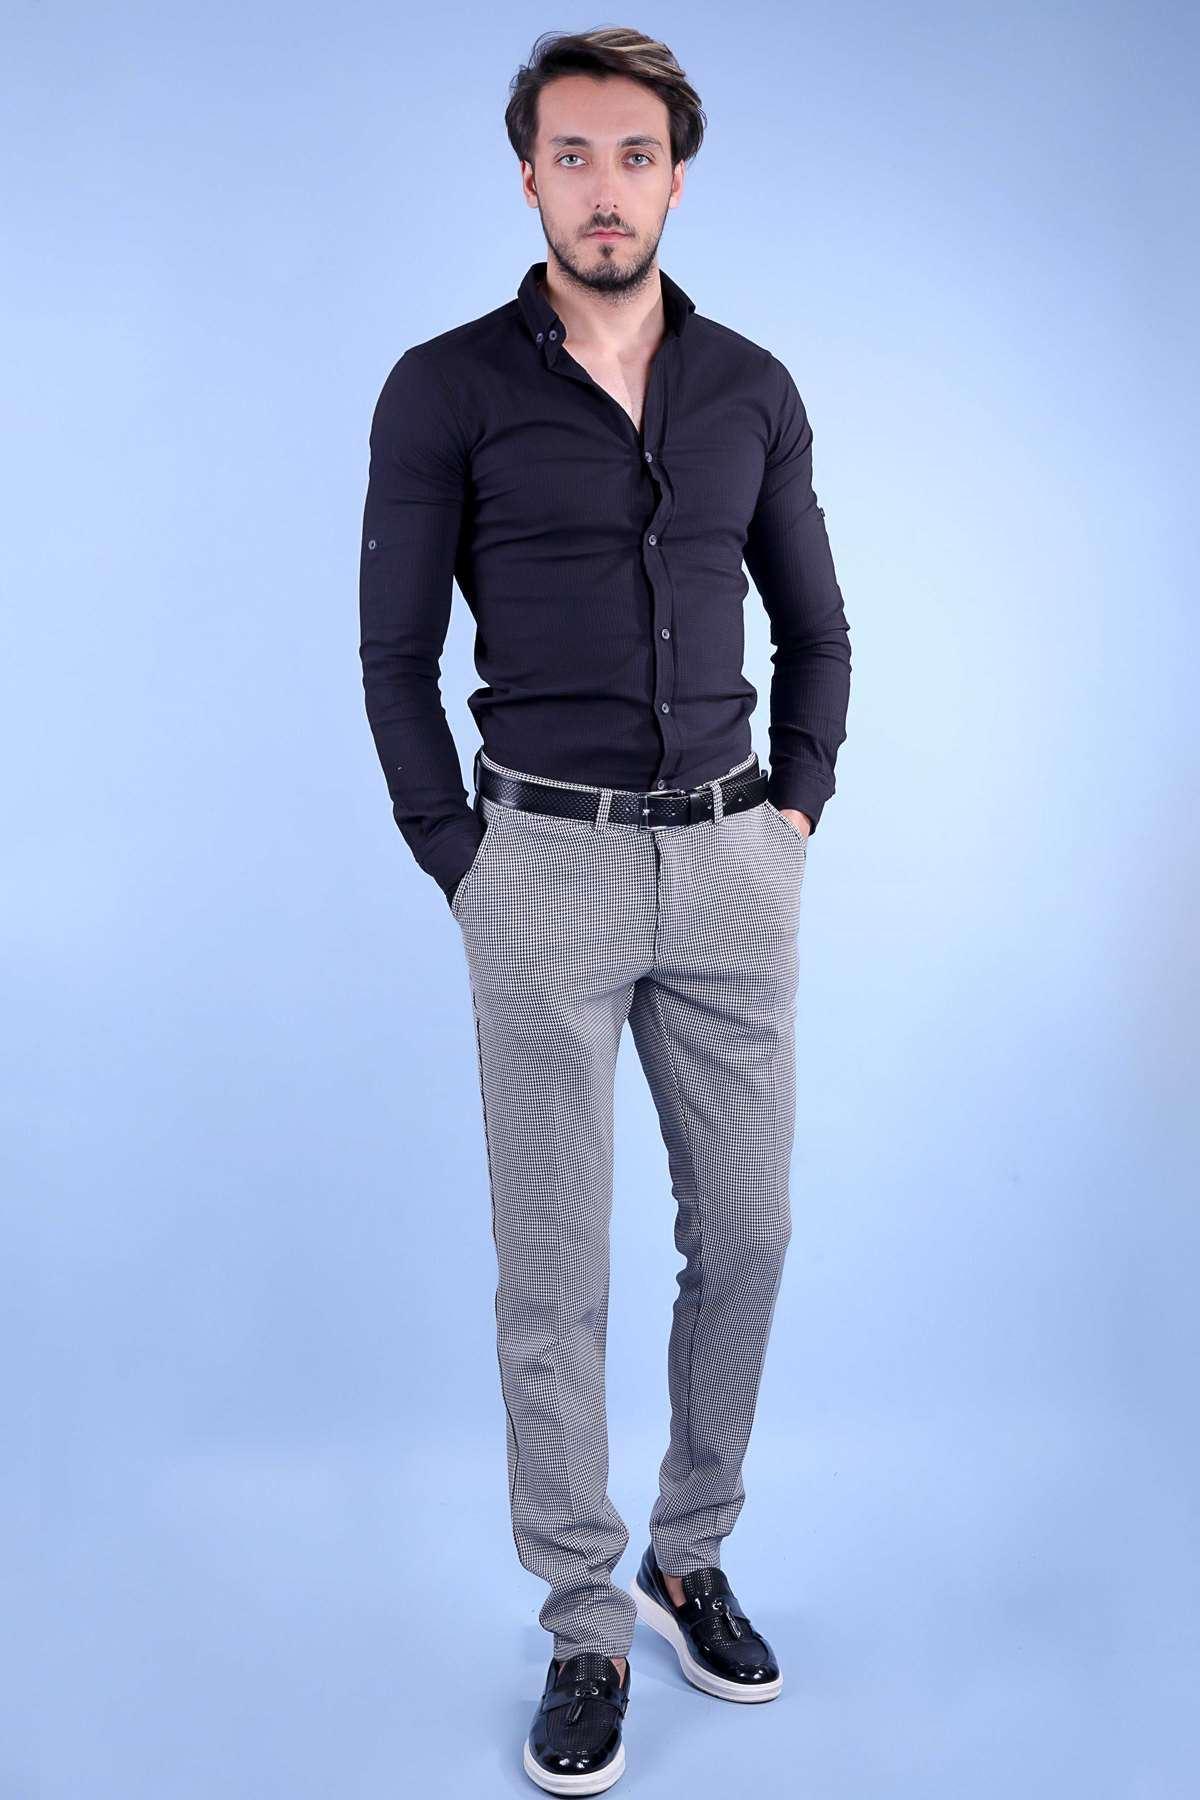 Küçük Kare Desenli Ön Gizli Cepli Slim Fit Pantolon Siyah-Beyaz